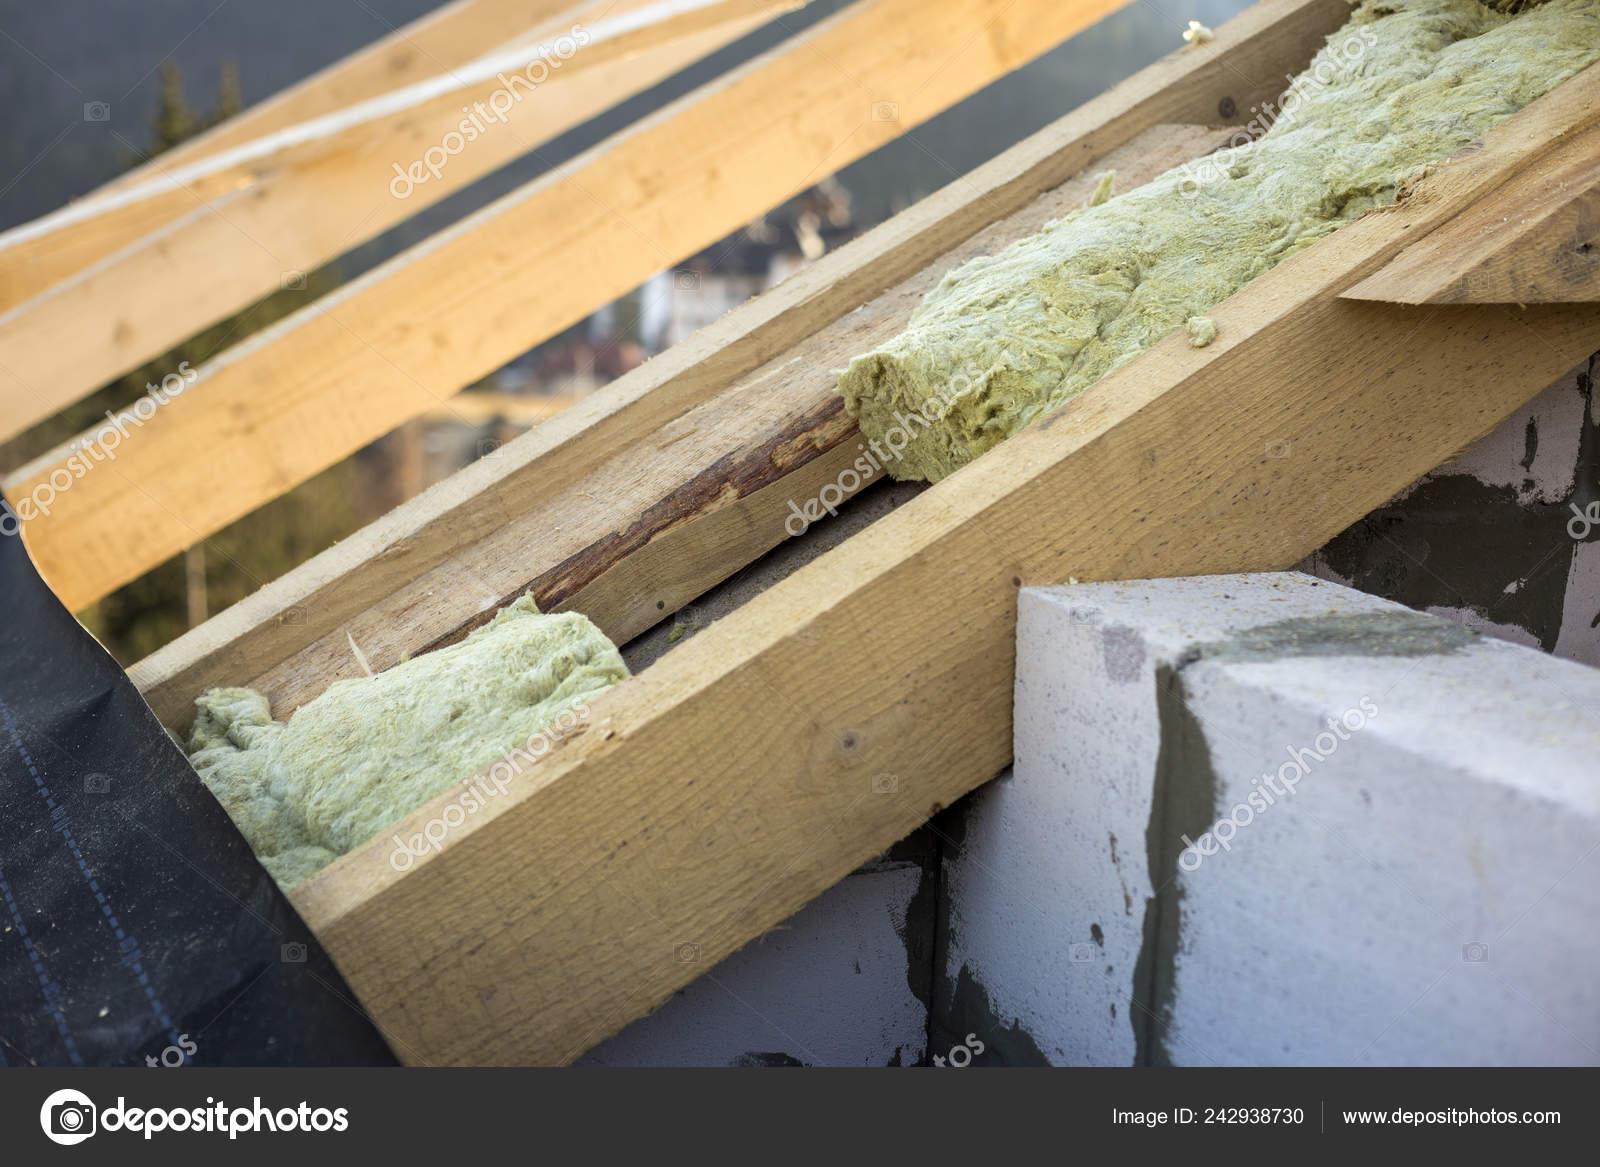 Hedendaags Dakconstructie Isolatie Met Steenwol Houten Balken Frame Wanden UK-02